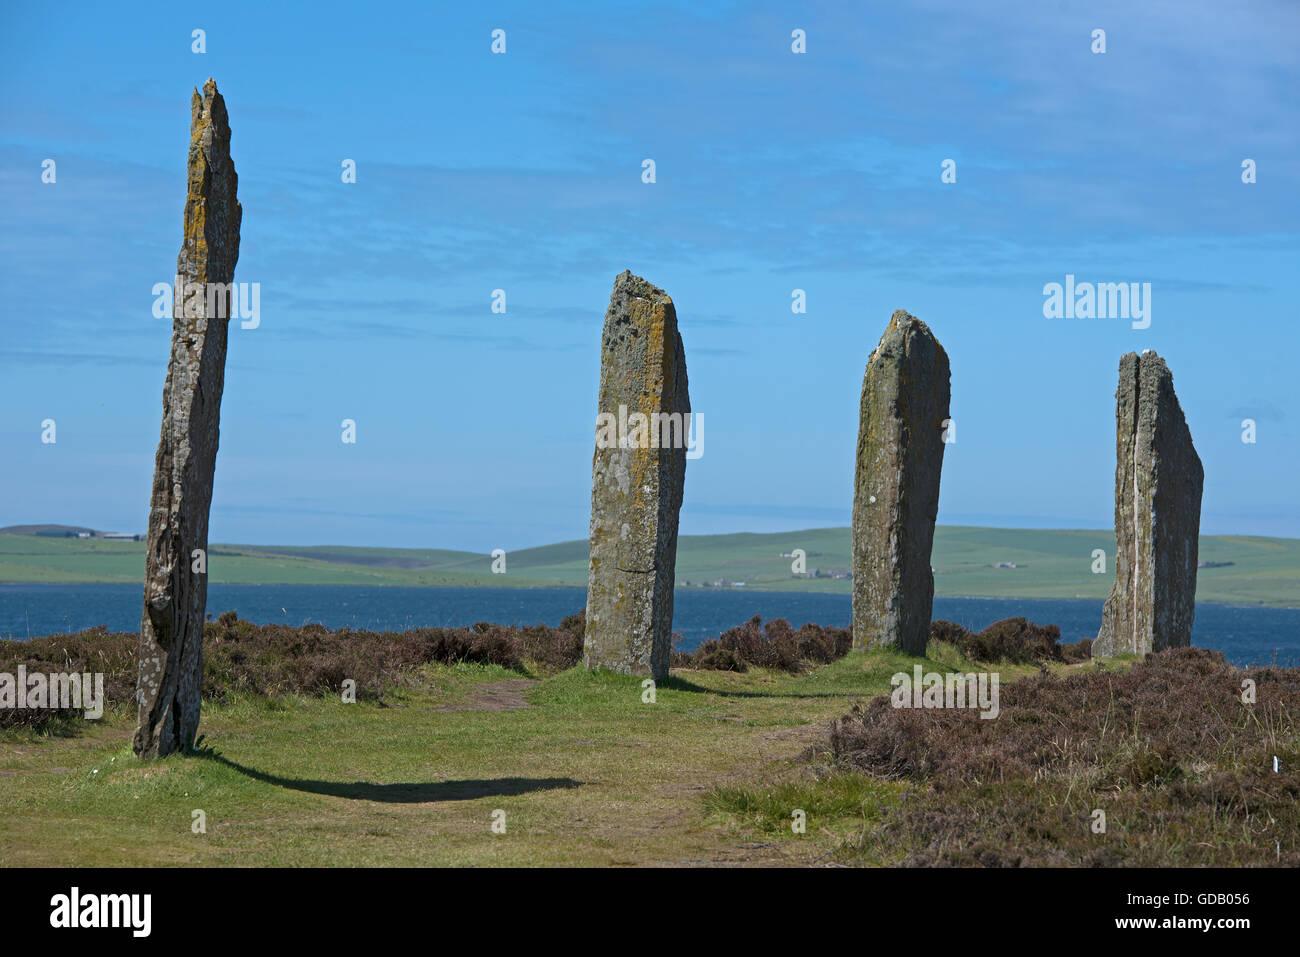 Cuatro de los restantes 27 Anillo de Brogan Standing Stones sobre un istmo entre los lagos de Stenness y Harray. SCO 10.597. Foto de stock